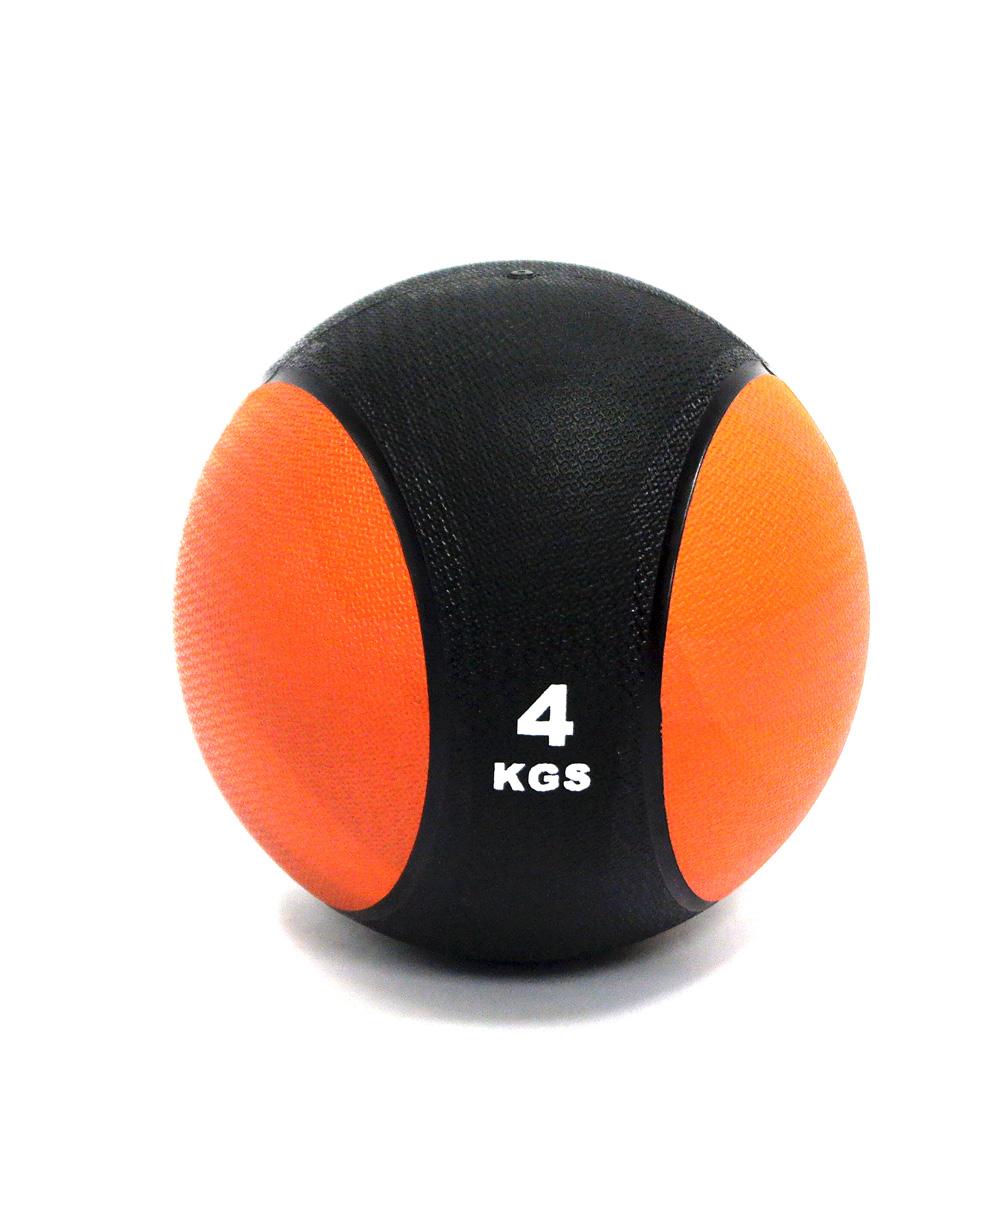 STI-Medicinboll-4kg